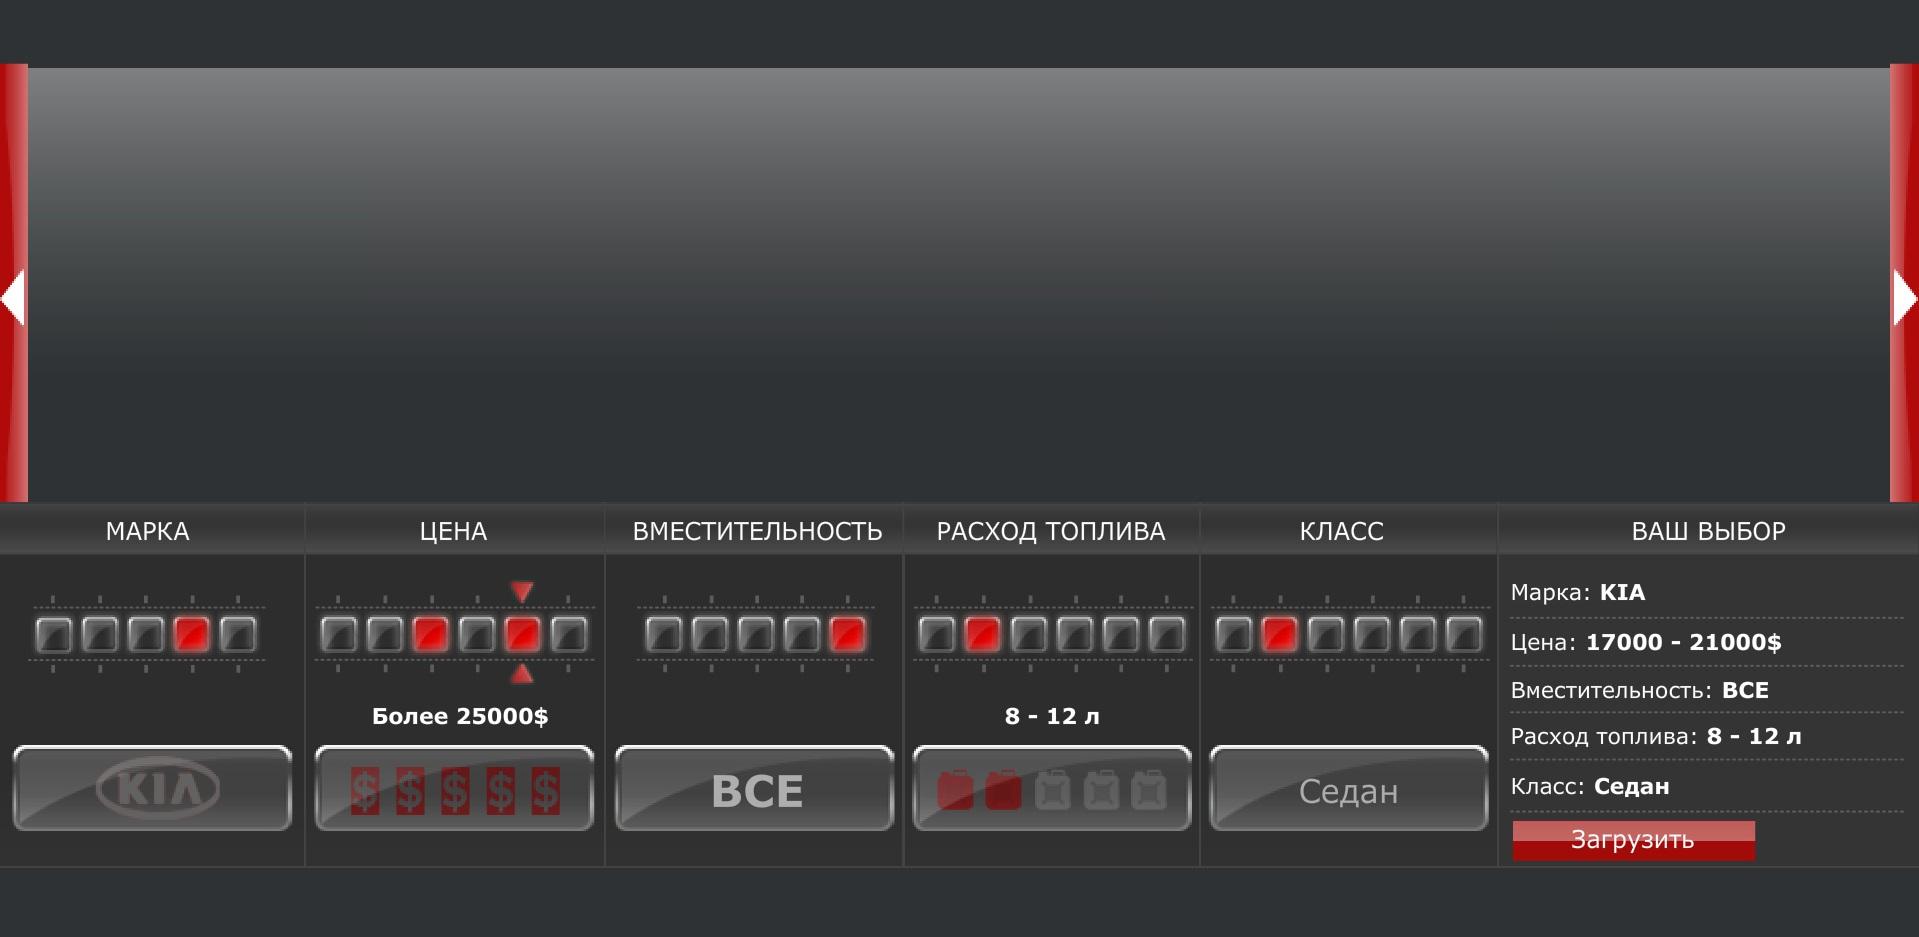 В первоначальной версии сайта мы создали фильтр - модуль выбора автомобиля, по стилю напоминающий компьютерные игры. Впоследствии мы заменили его на более современный, светлый и легкий вариант, который разместили на главной странице справа от основного баннера.